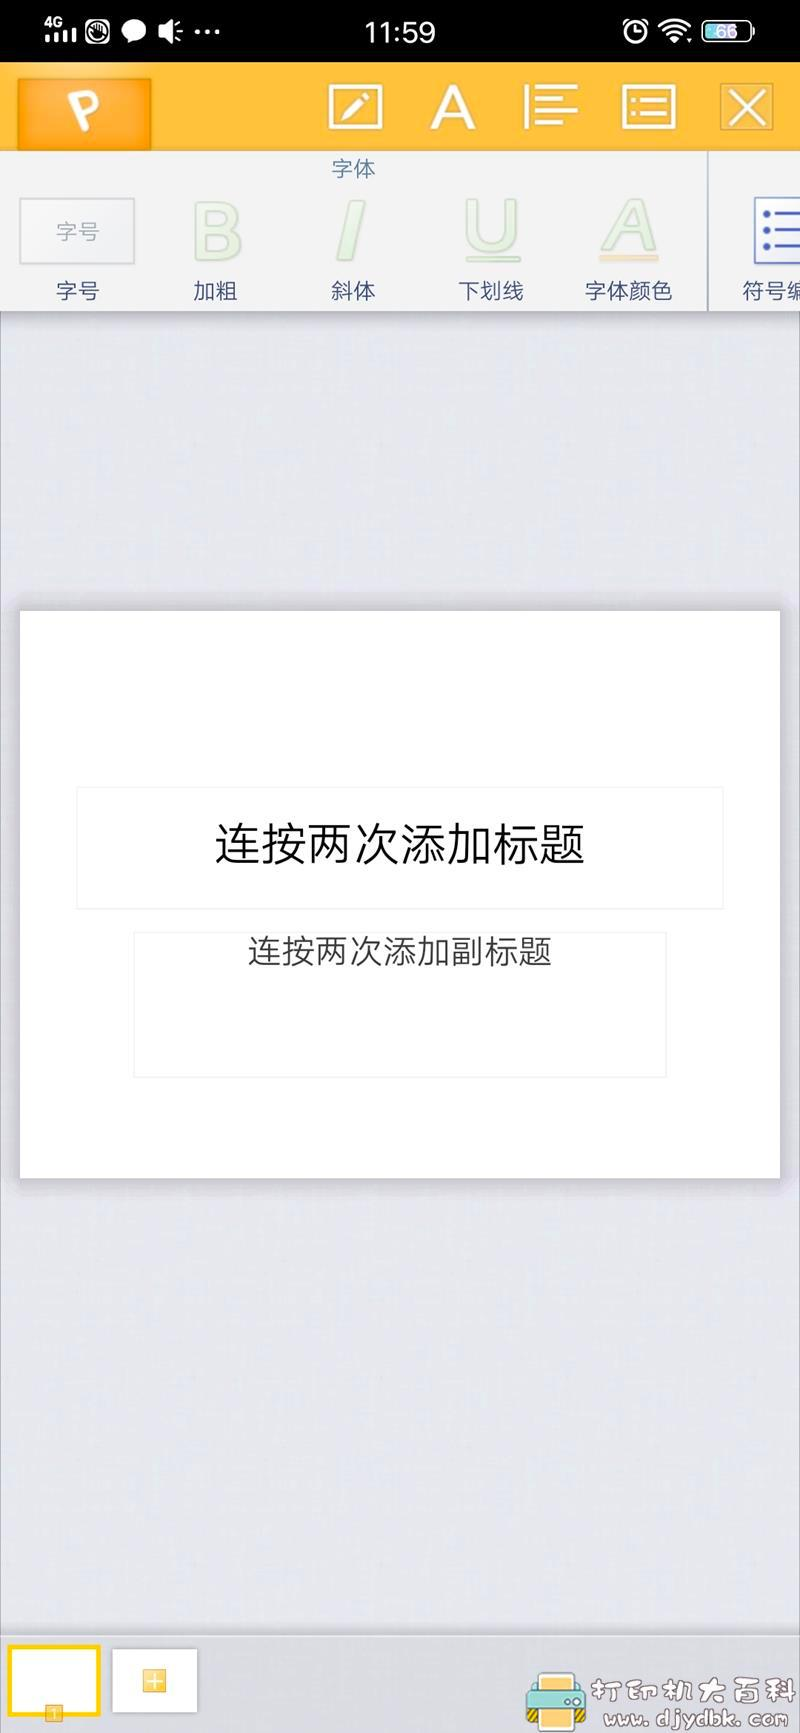 [Android]华为G7自带5.5版本wps 不一样的操作体验图片 No.6